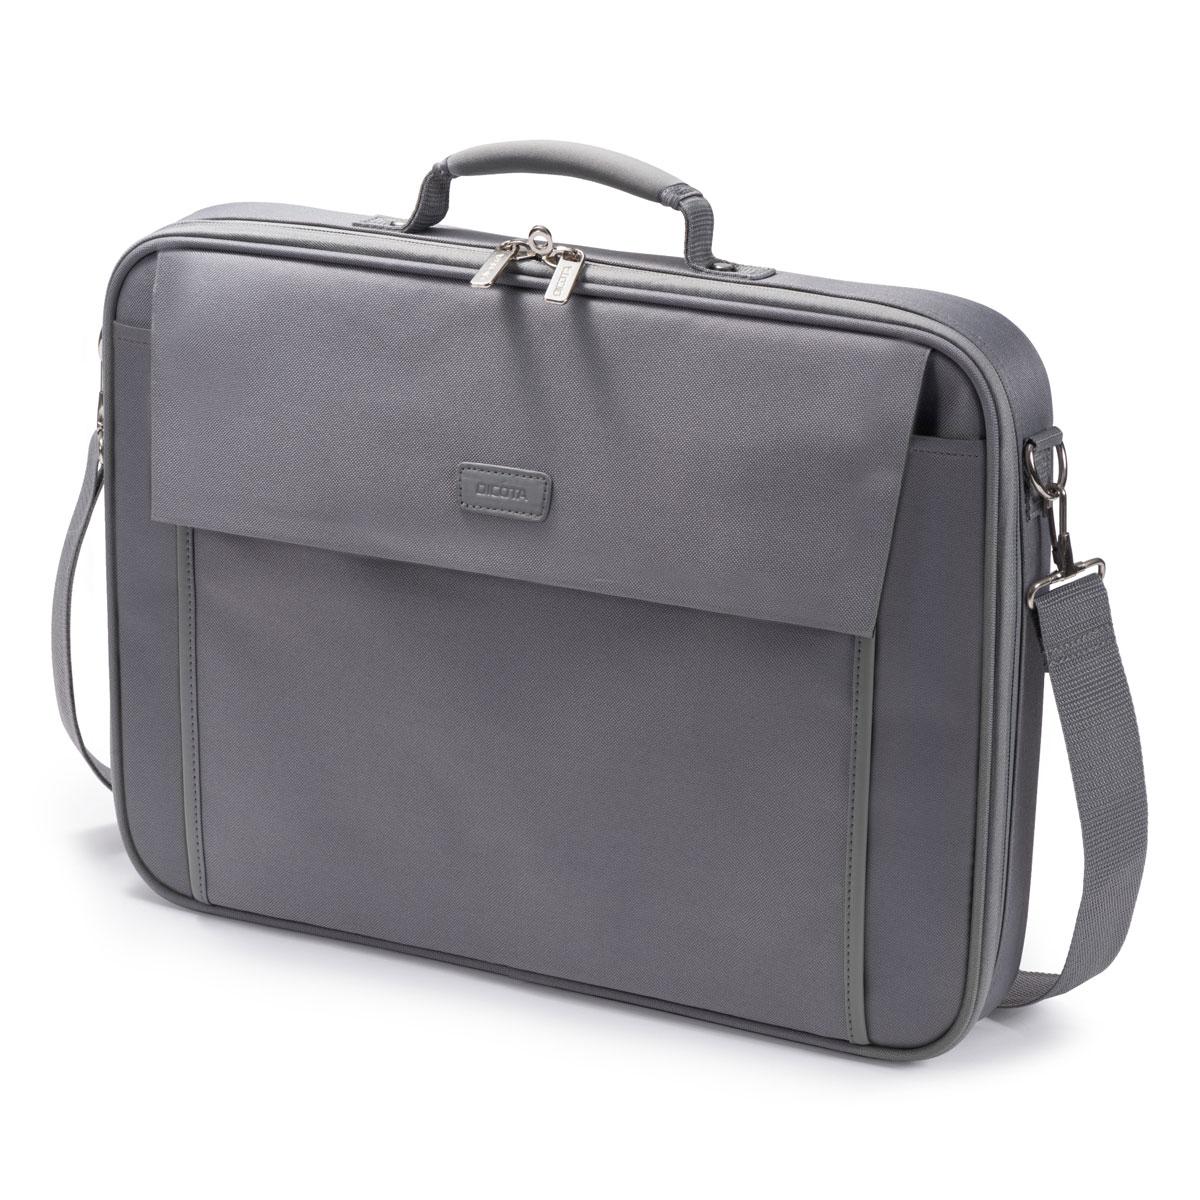 """Sac, sacoche, housse Dicota Multi Base 15-17.3"""" (gris)  Sacoche pour ordinateur portable (jusqu'à 17.3"""")"""